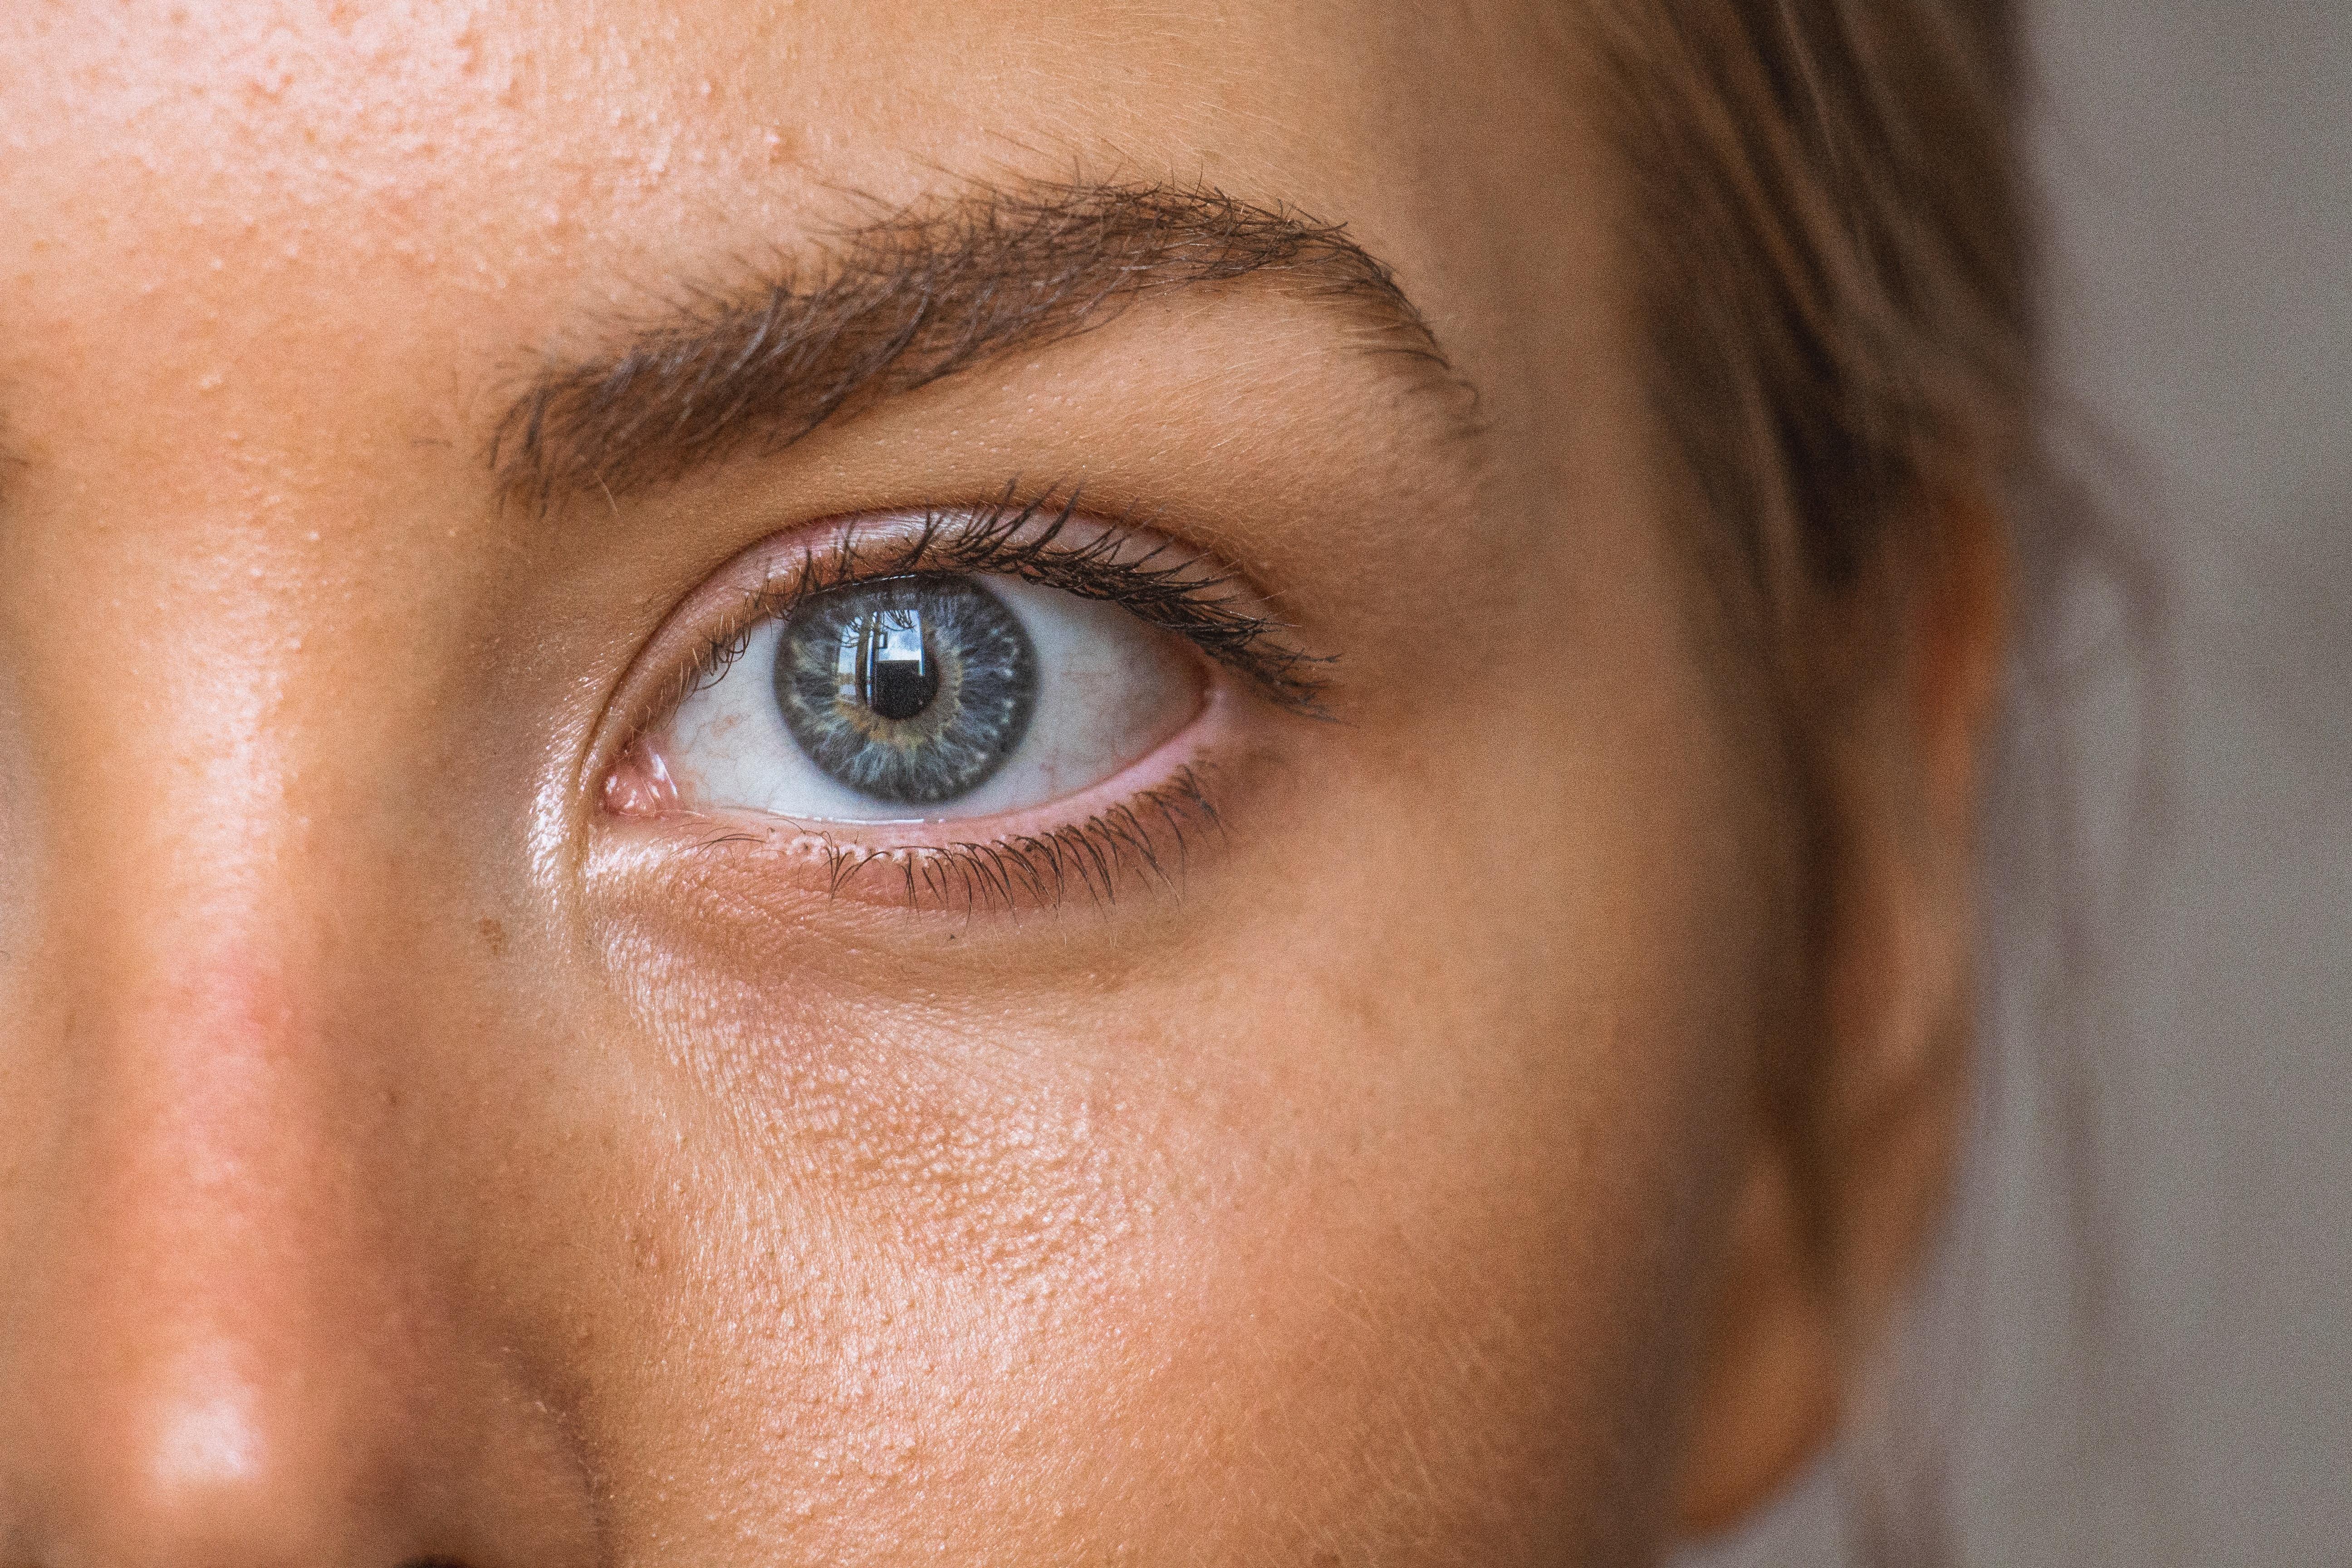 肌は内臓を映しだす鏡‼乾燥肌の3つの原因と対策♪